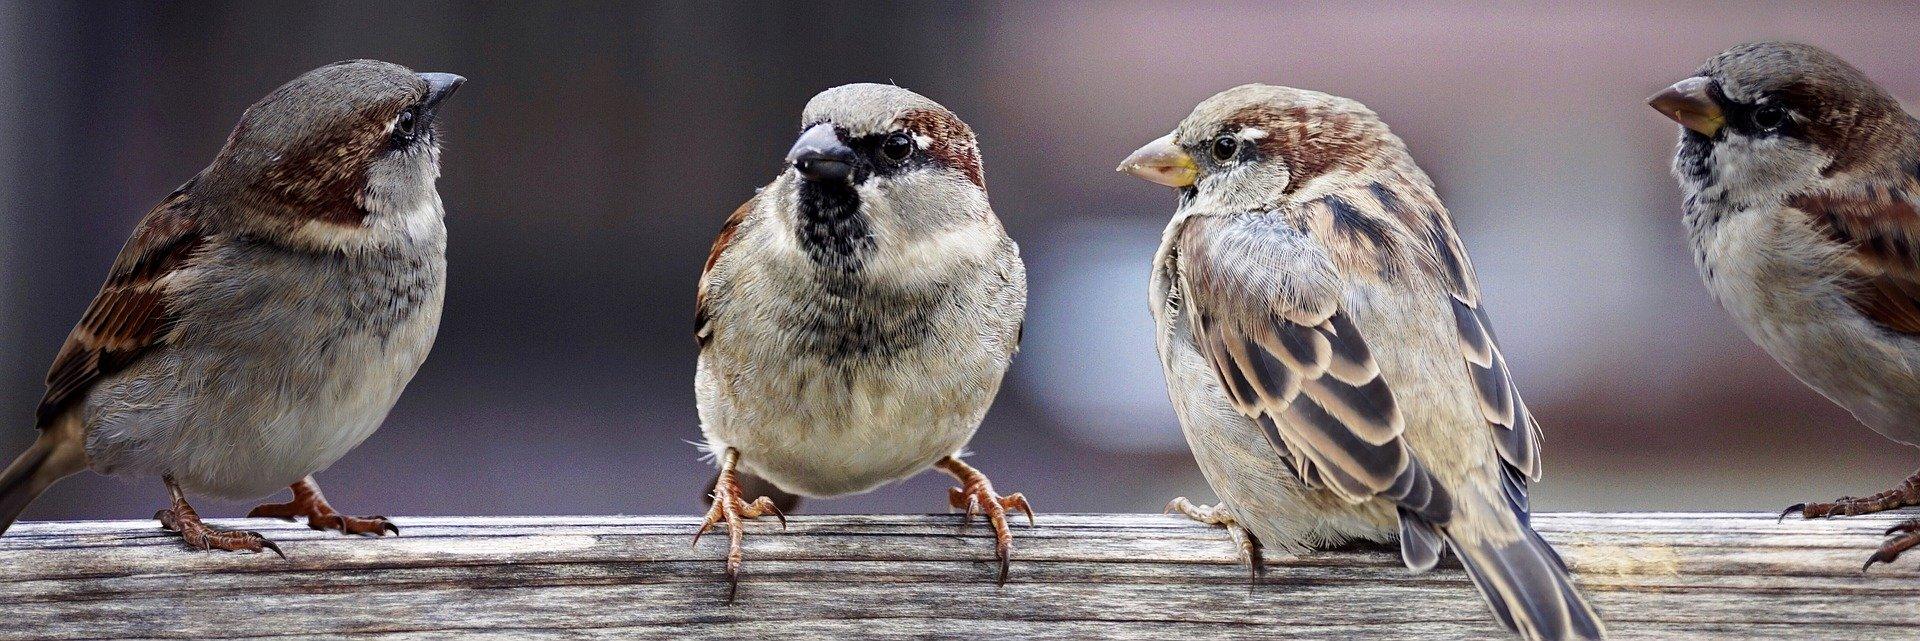 image sparrows2759978_1920.jpg (0.3MB)